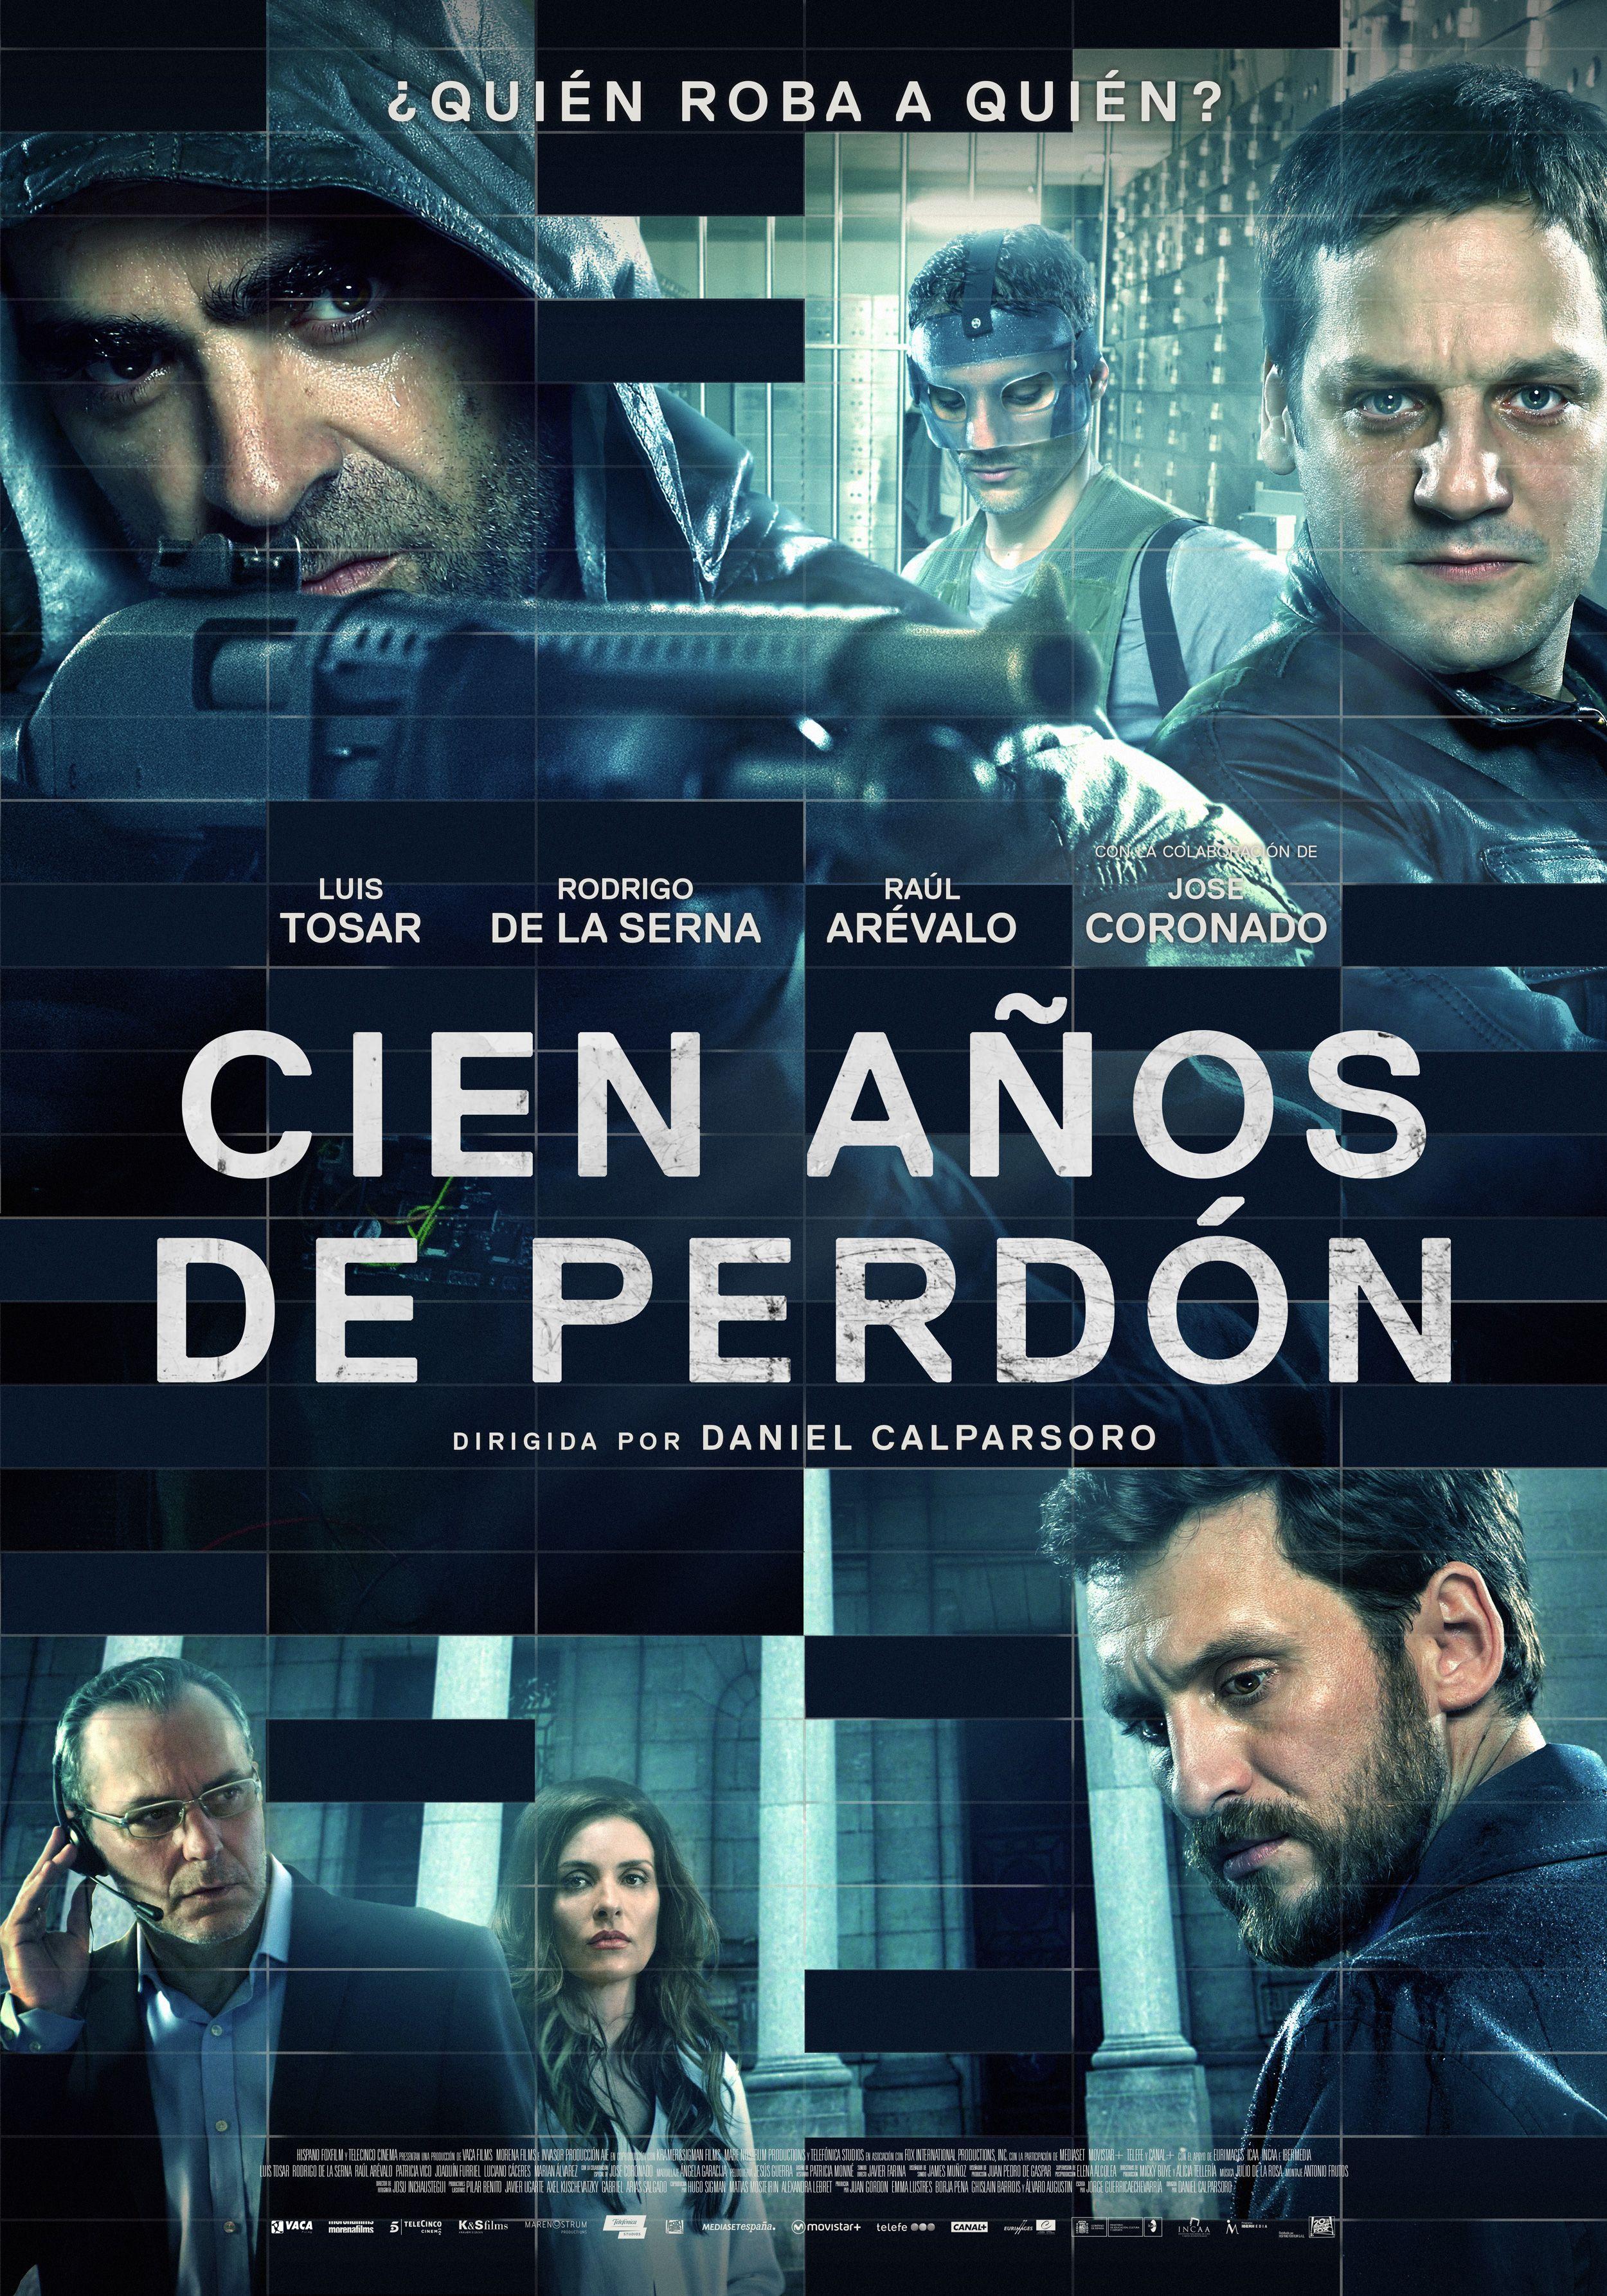 Cien Años De Perdon 2016 Ver Online Http Www Peliculasmas Com Cine Espanol 45410 Ver Estren Cien Años Películas En Línea Gratis Peliculas Online Gratis